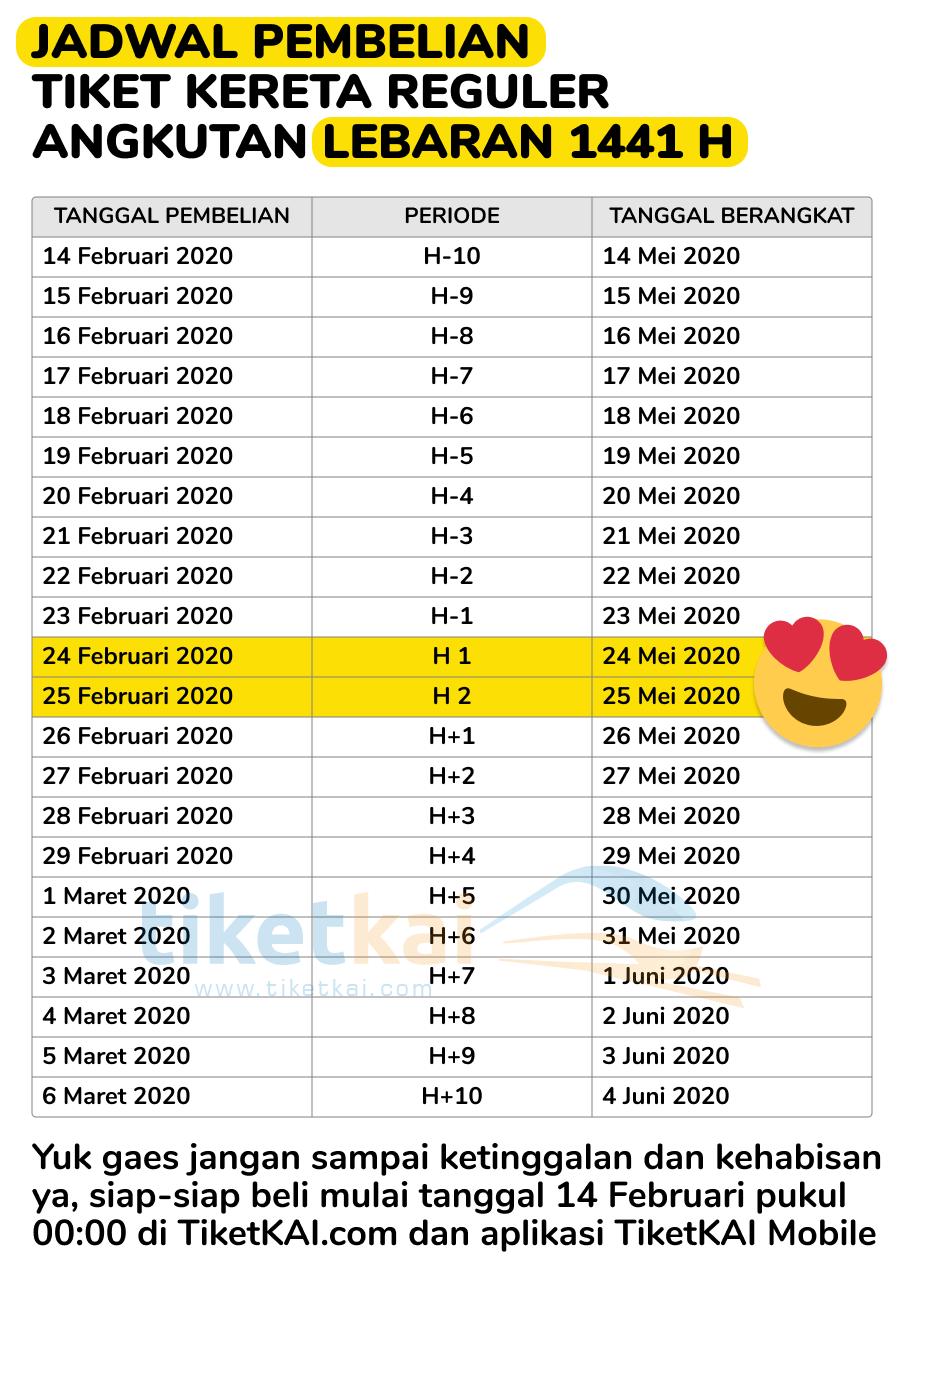 jadwal pembelian tiket kereta lebaran 2020